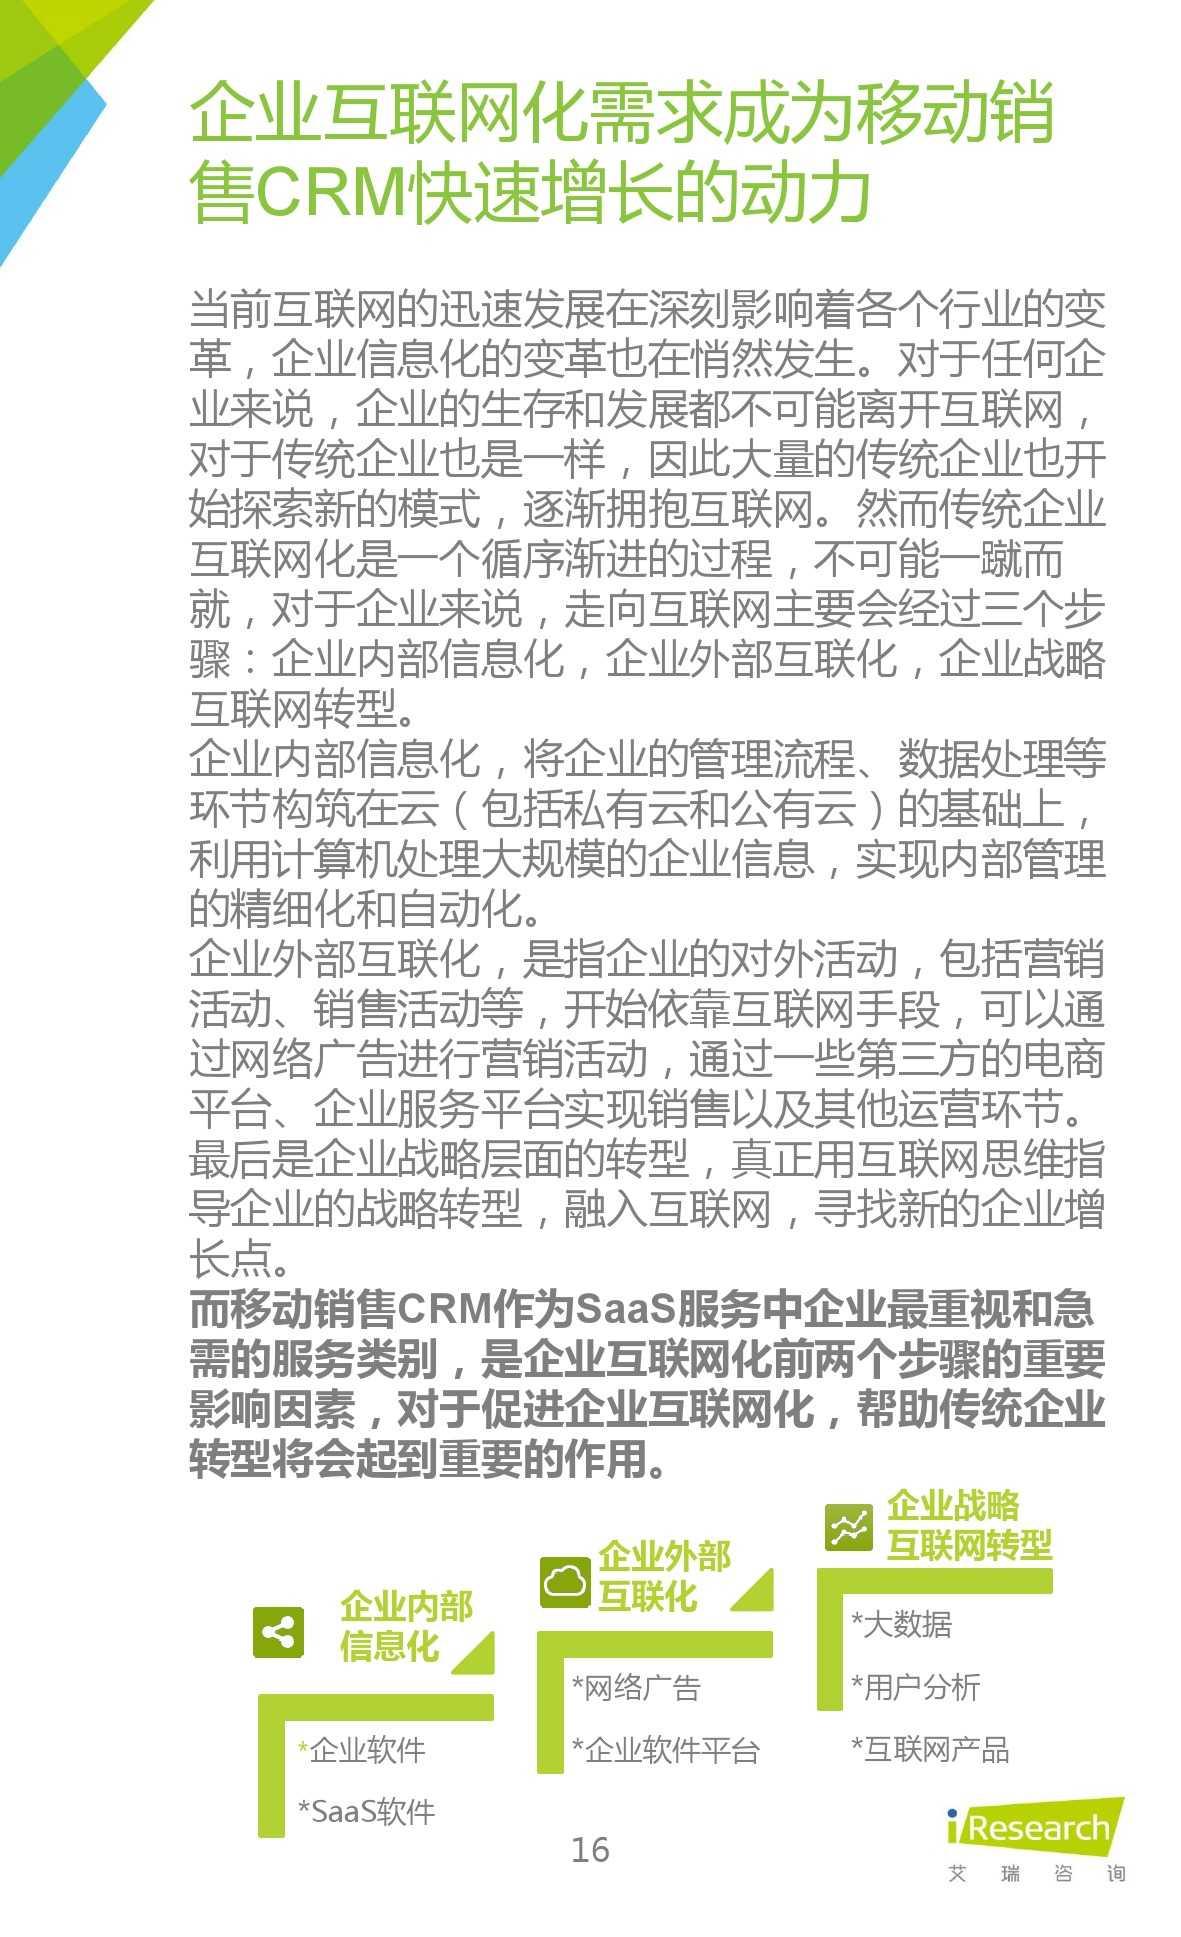 2015年中国移动销售CRM行业研究报告_000016